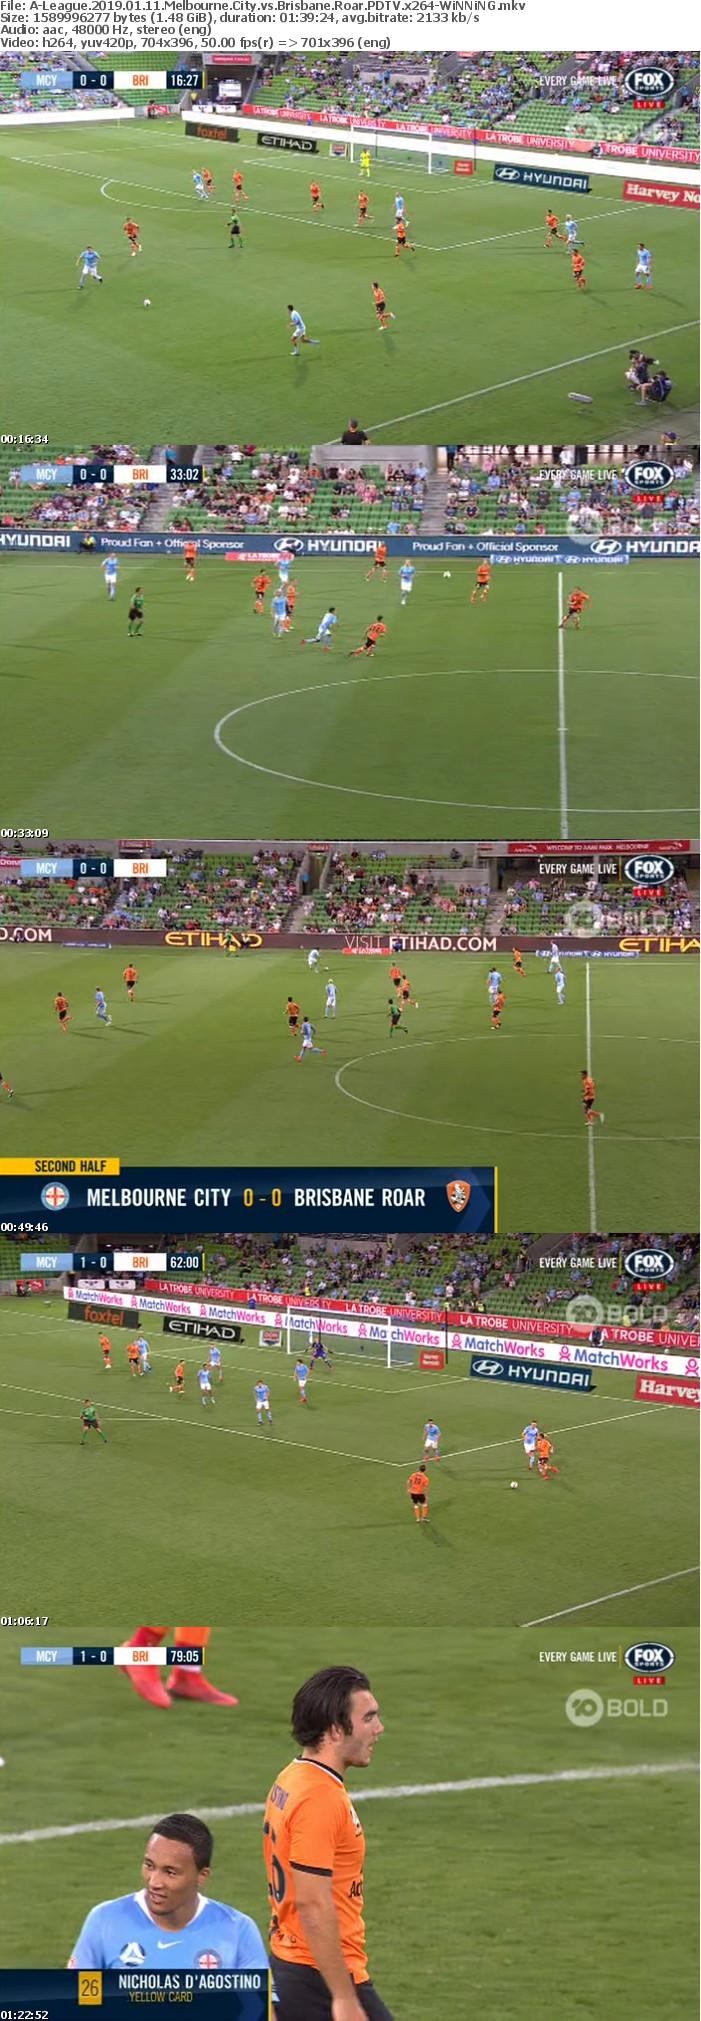 A-League 2019 01 11 Melbourne City vs Brisbane Roar PDTV x264-WiNNiNG